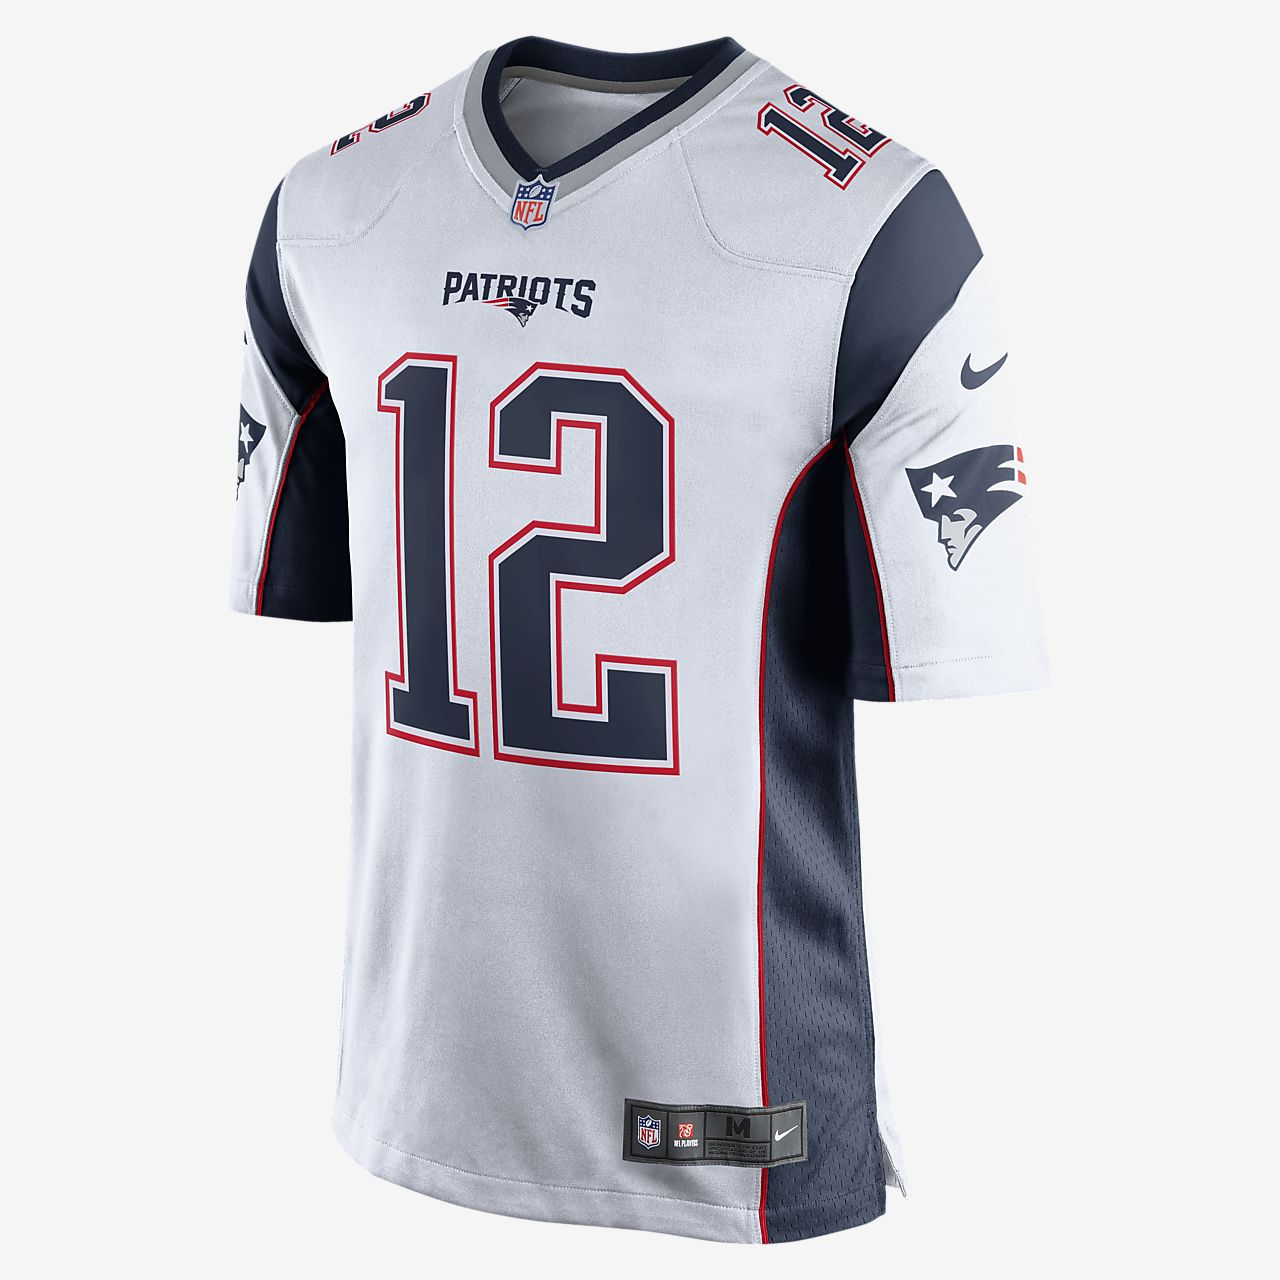 ee0b56d44d55c ... NFL New England Patriots (Tom Brady) Camiseta de fútbol americano de la  2ª equipación